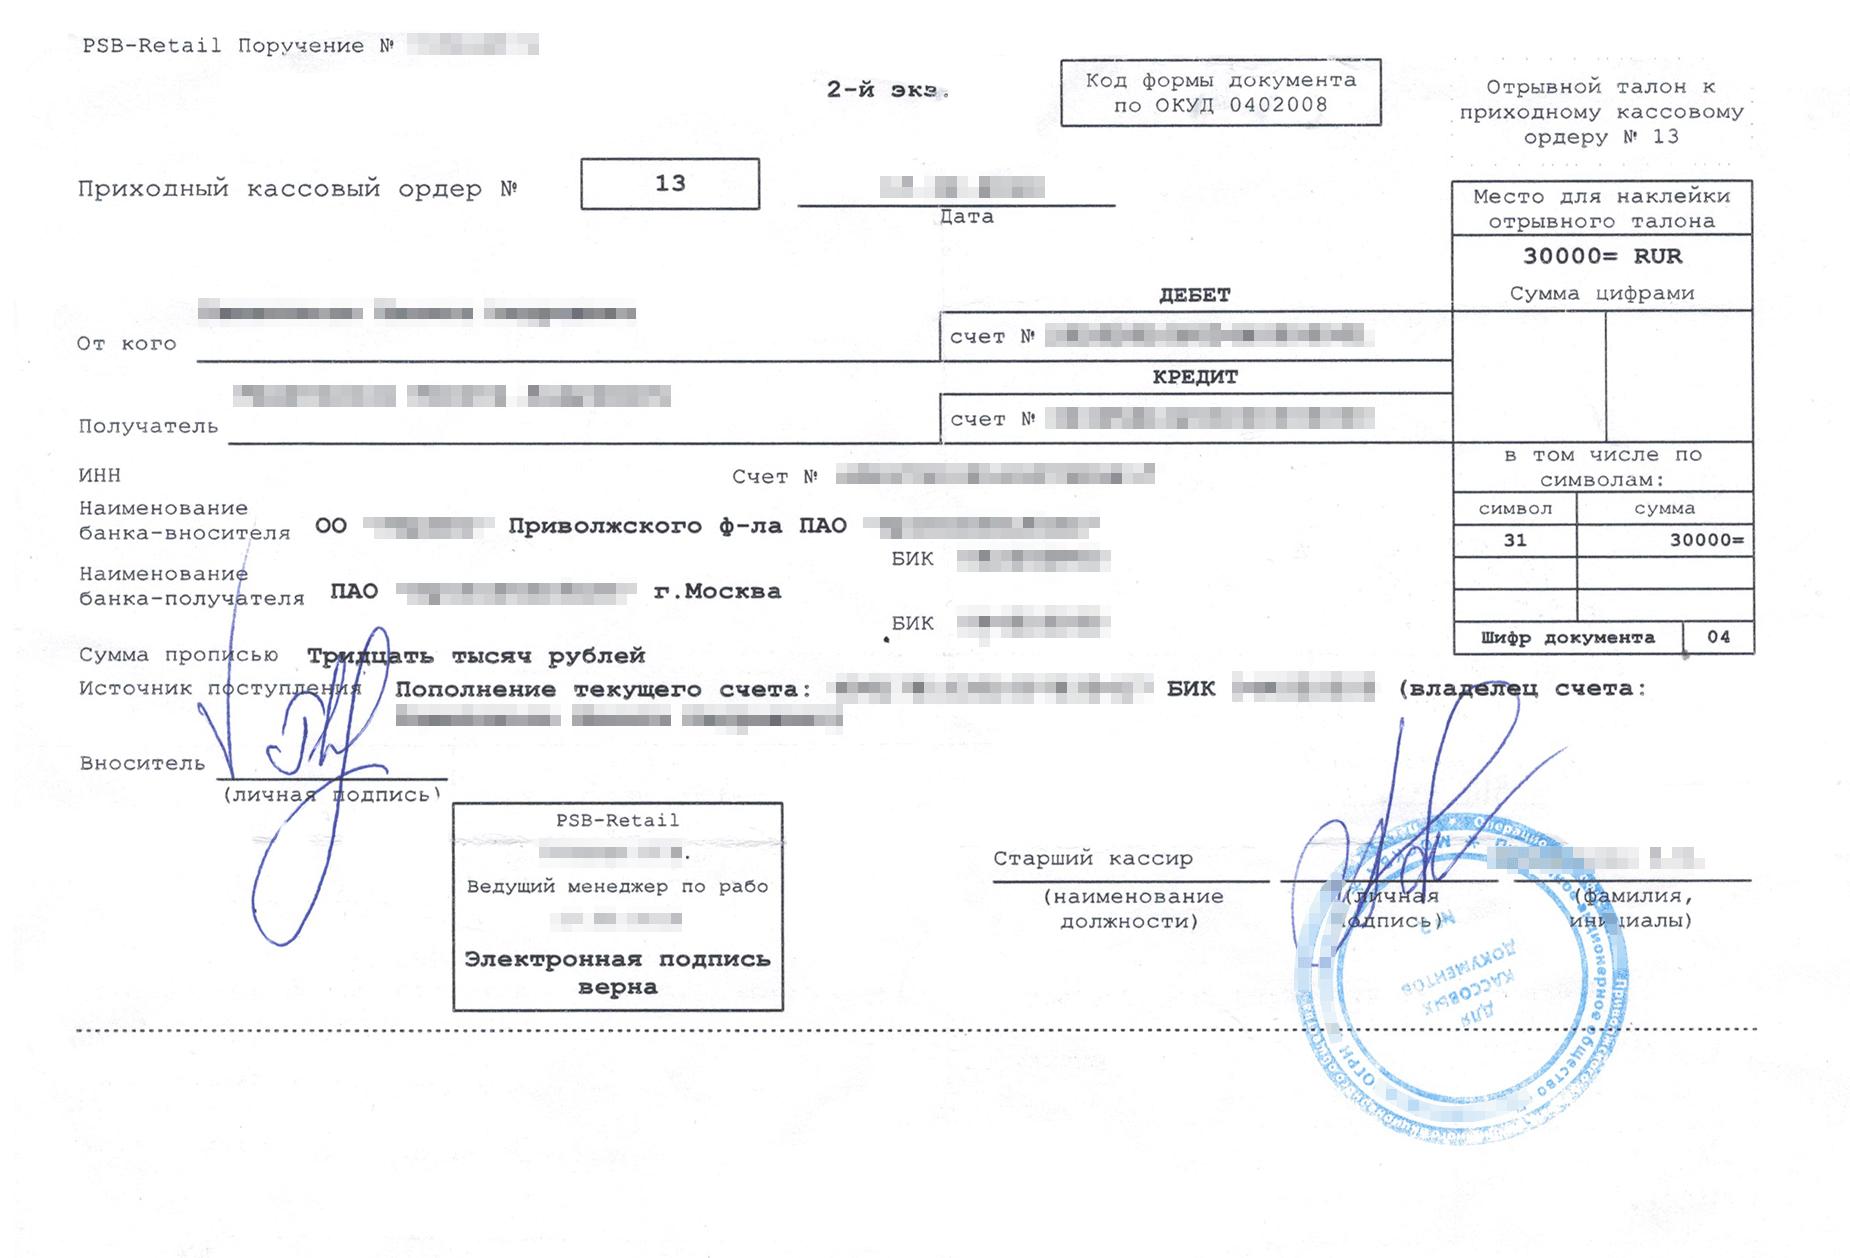 Приходно-кассовый ордер по форме0402008. Используется банками дляприема денег через кассу. Плательщик получает второй экземпляр ПКО в качестве подтверждения оплаты